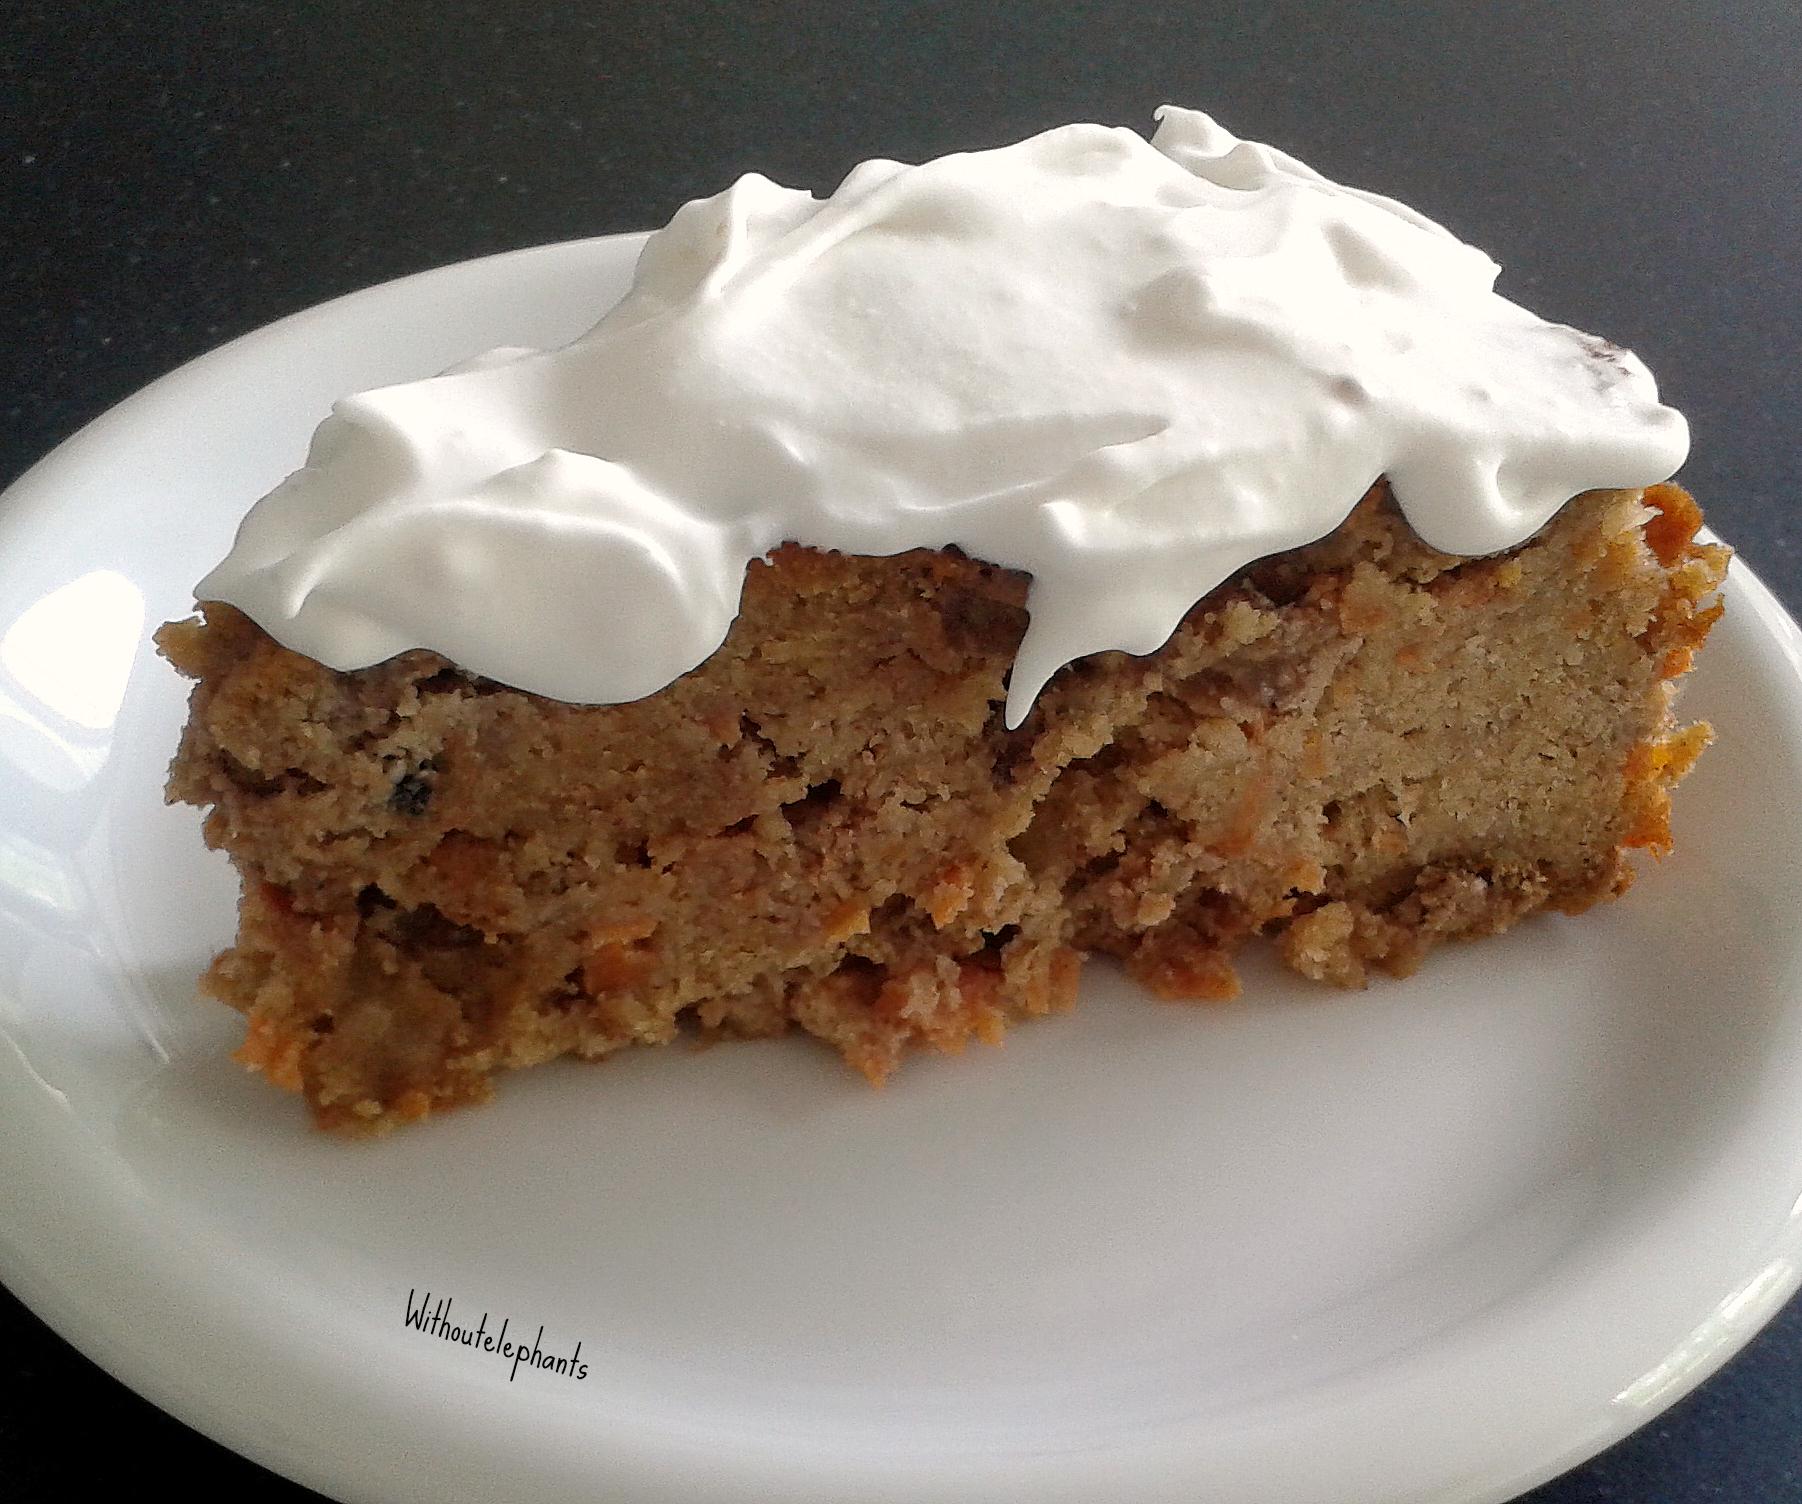 worteltaart, wortelcake, kokoscreme, carrotcake, healthy, gezond, glutenvrij, lactose vrij, suikervrij, taart, gezonde worteltaart, gezonde worteltaart recept